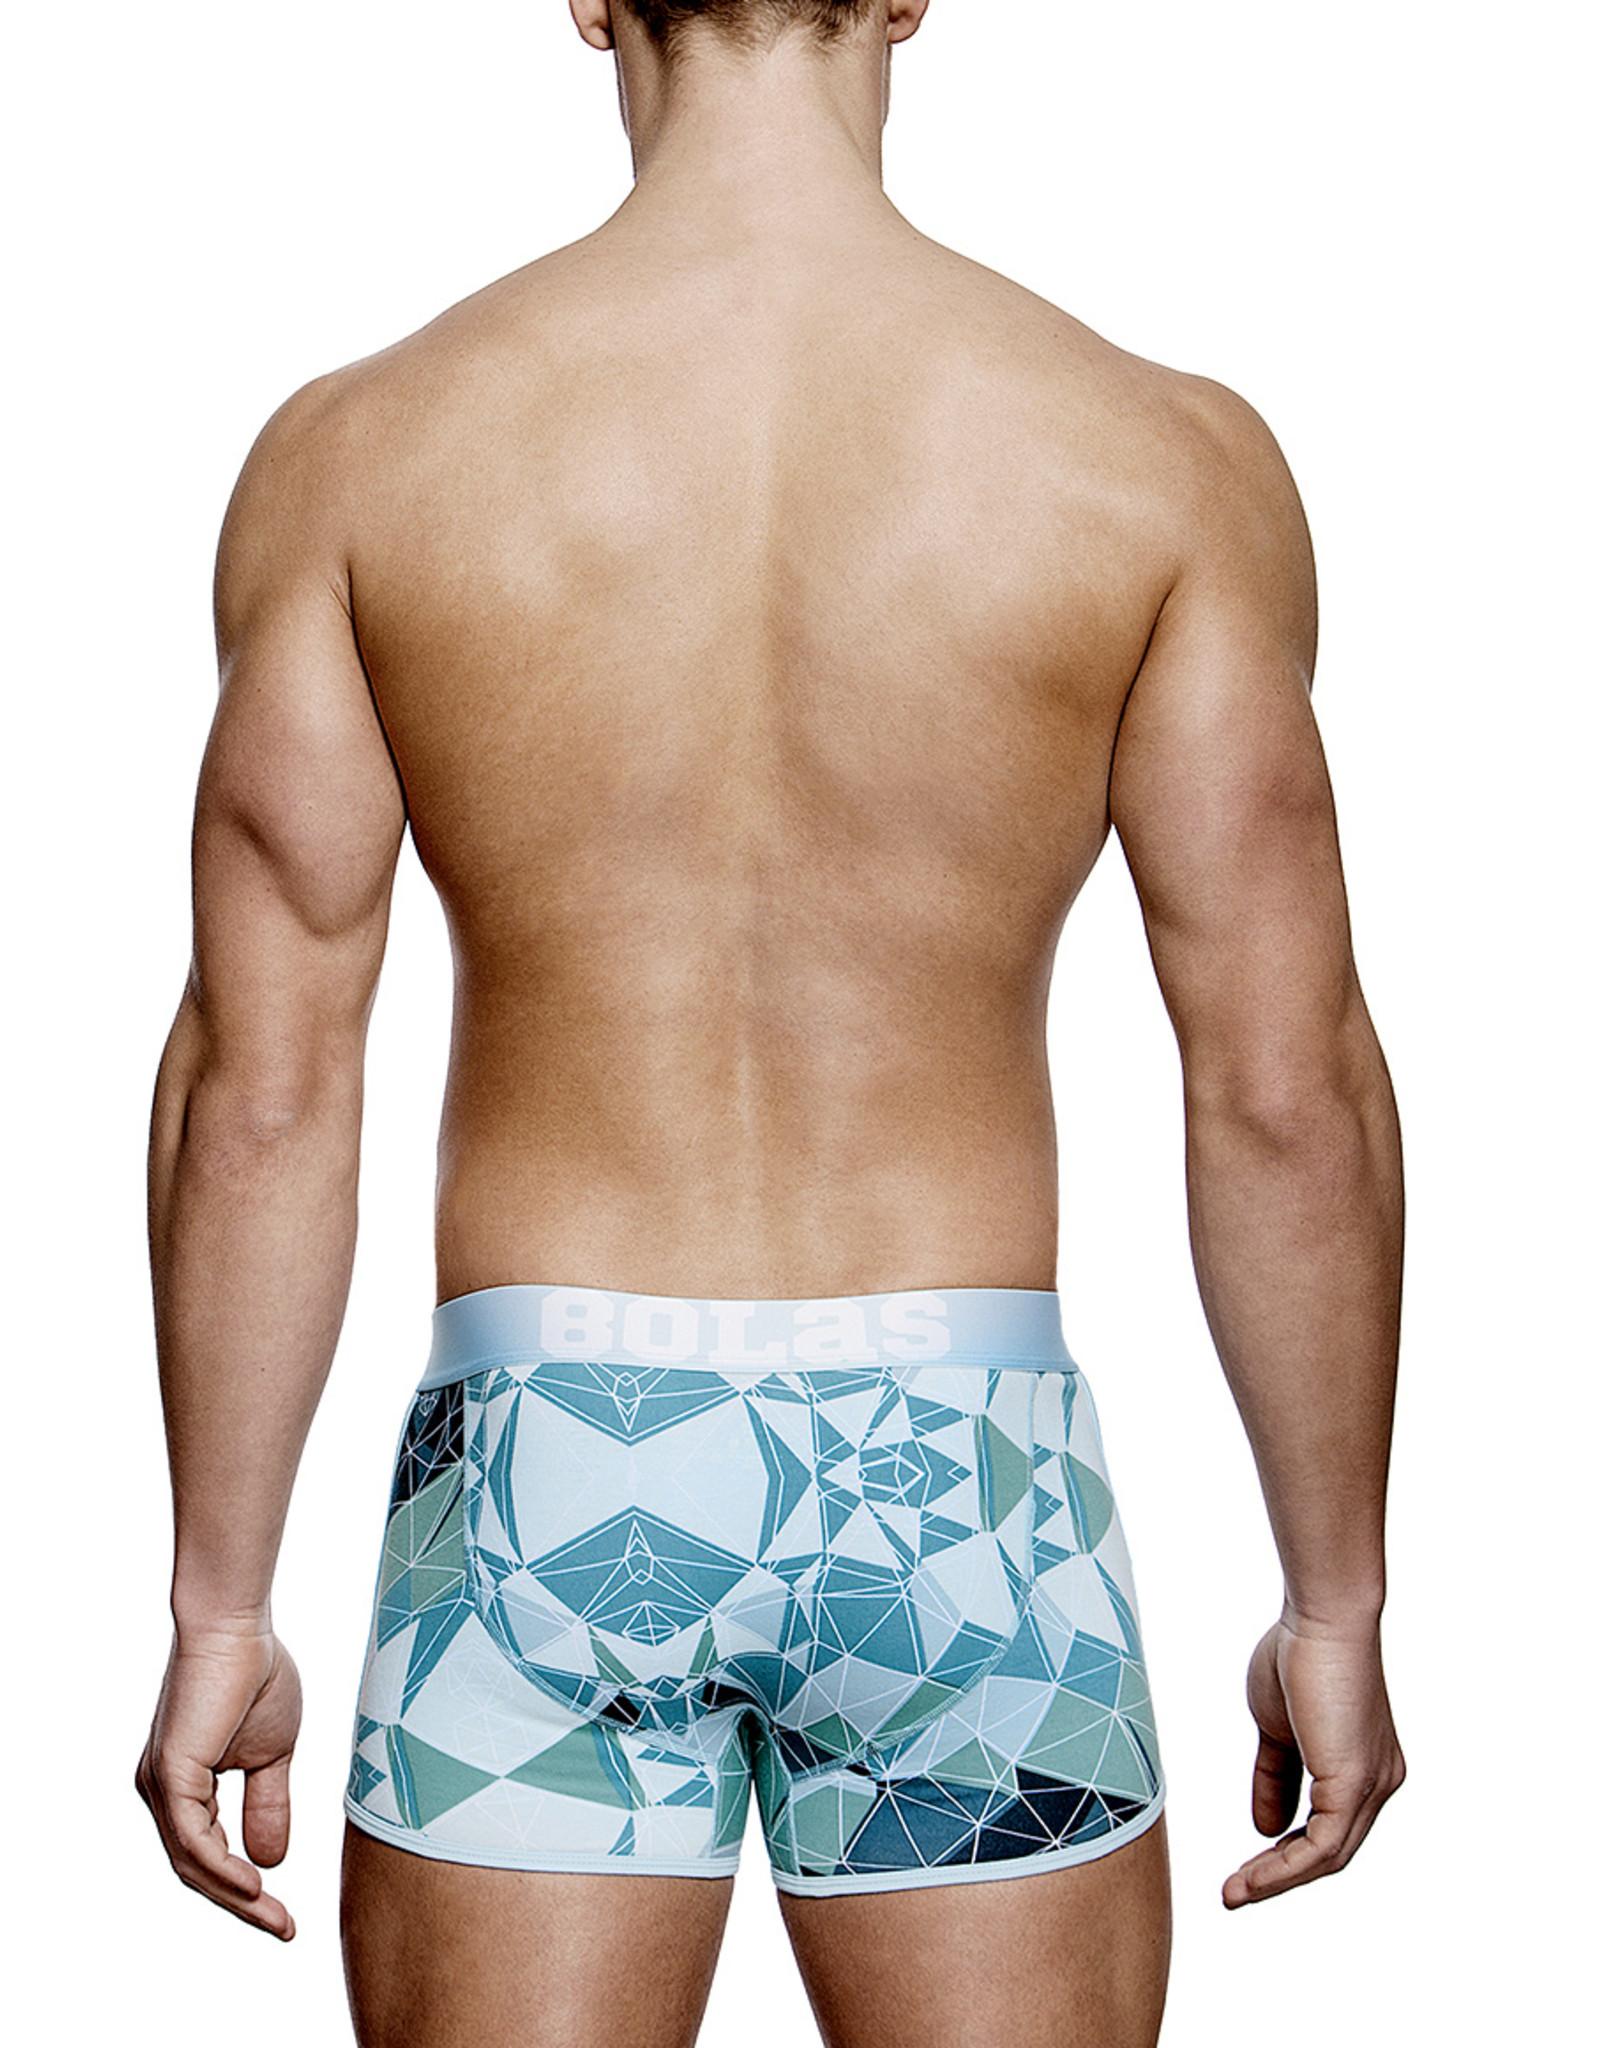 Bolas Underwear Bolas underwear Water